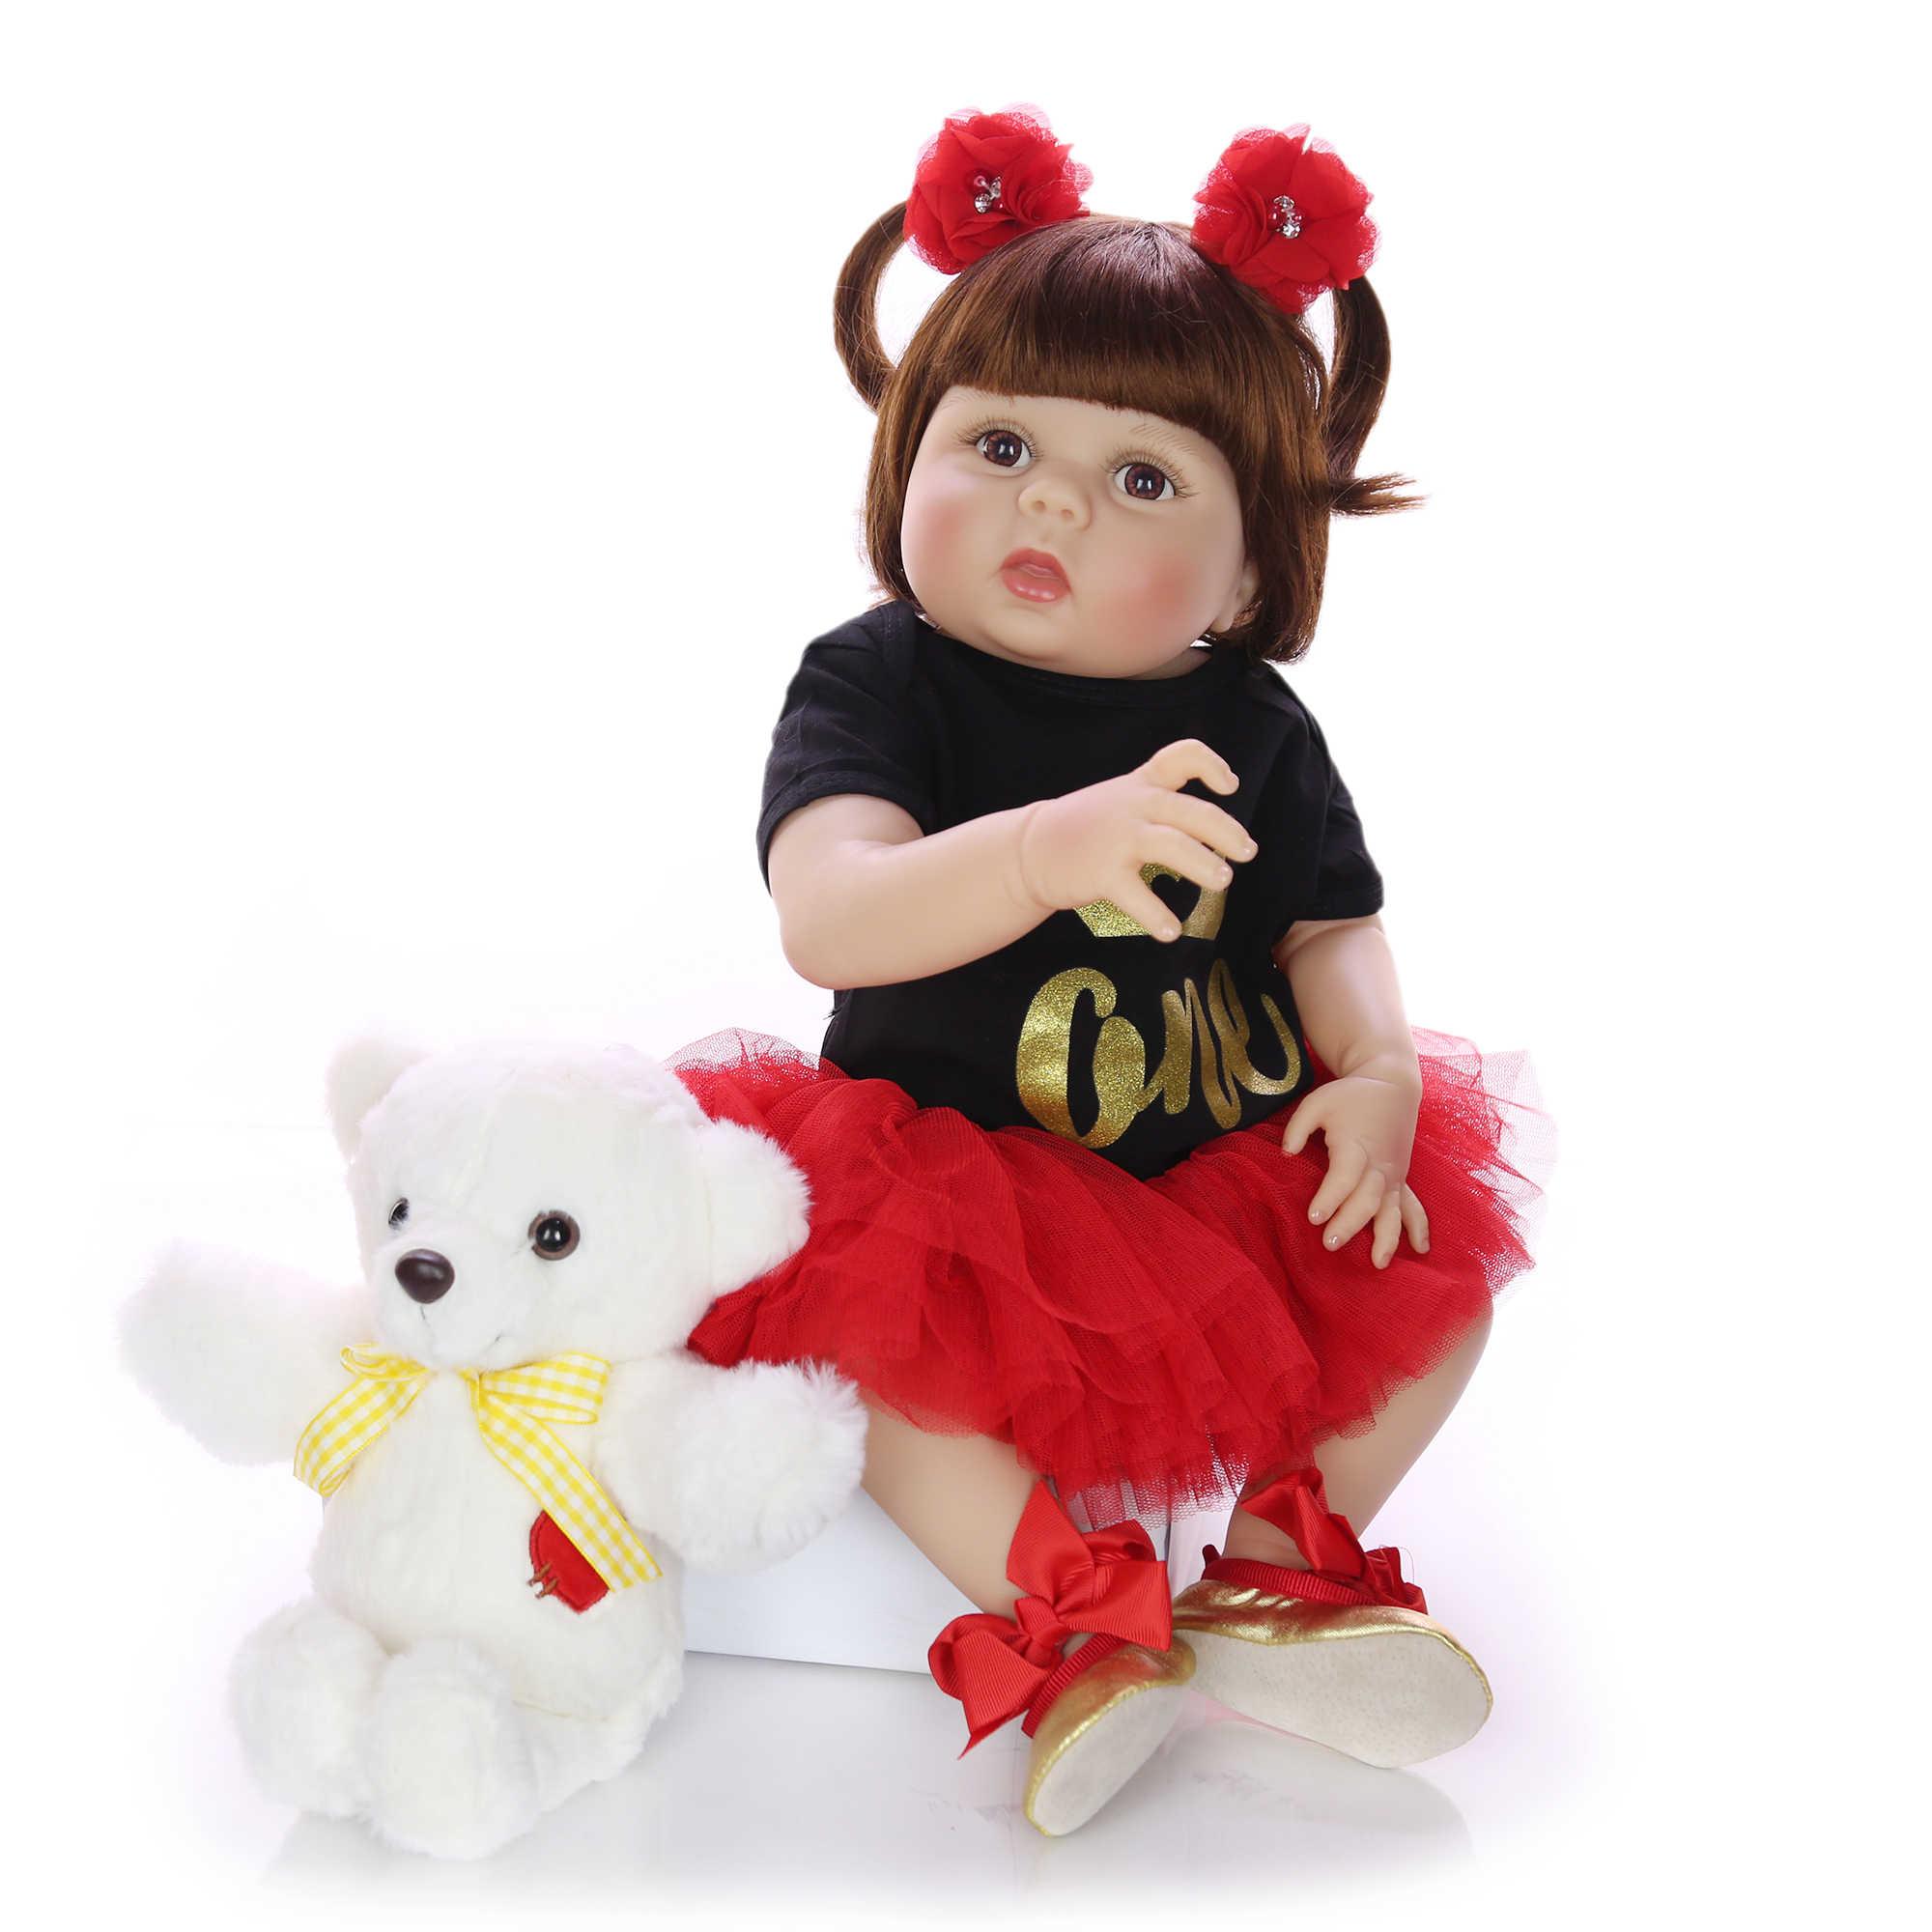 KEIUMI/горячая распродажа, 57 см, полностью силиконовая кукла для новорожденных, как настоящая кукла принцессы для новорожденных девочек, детская игрушка, детские рождественские подарки